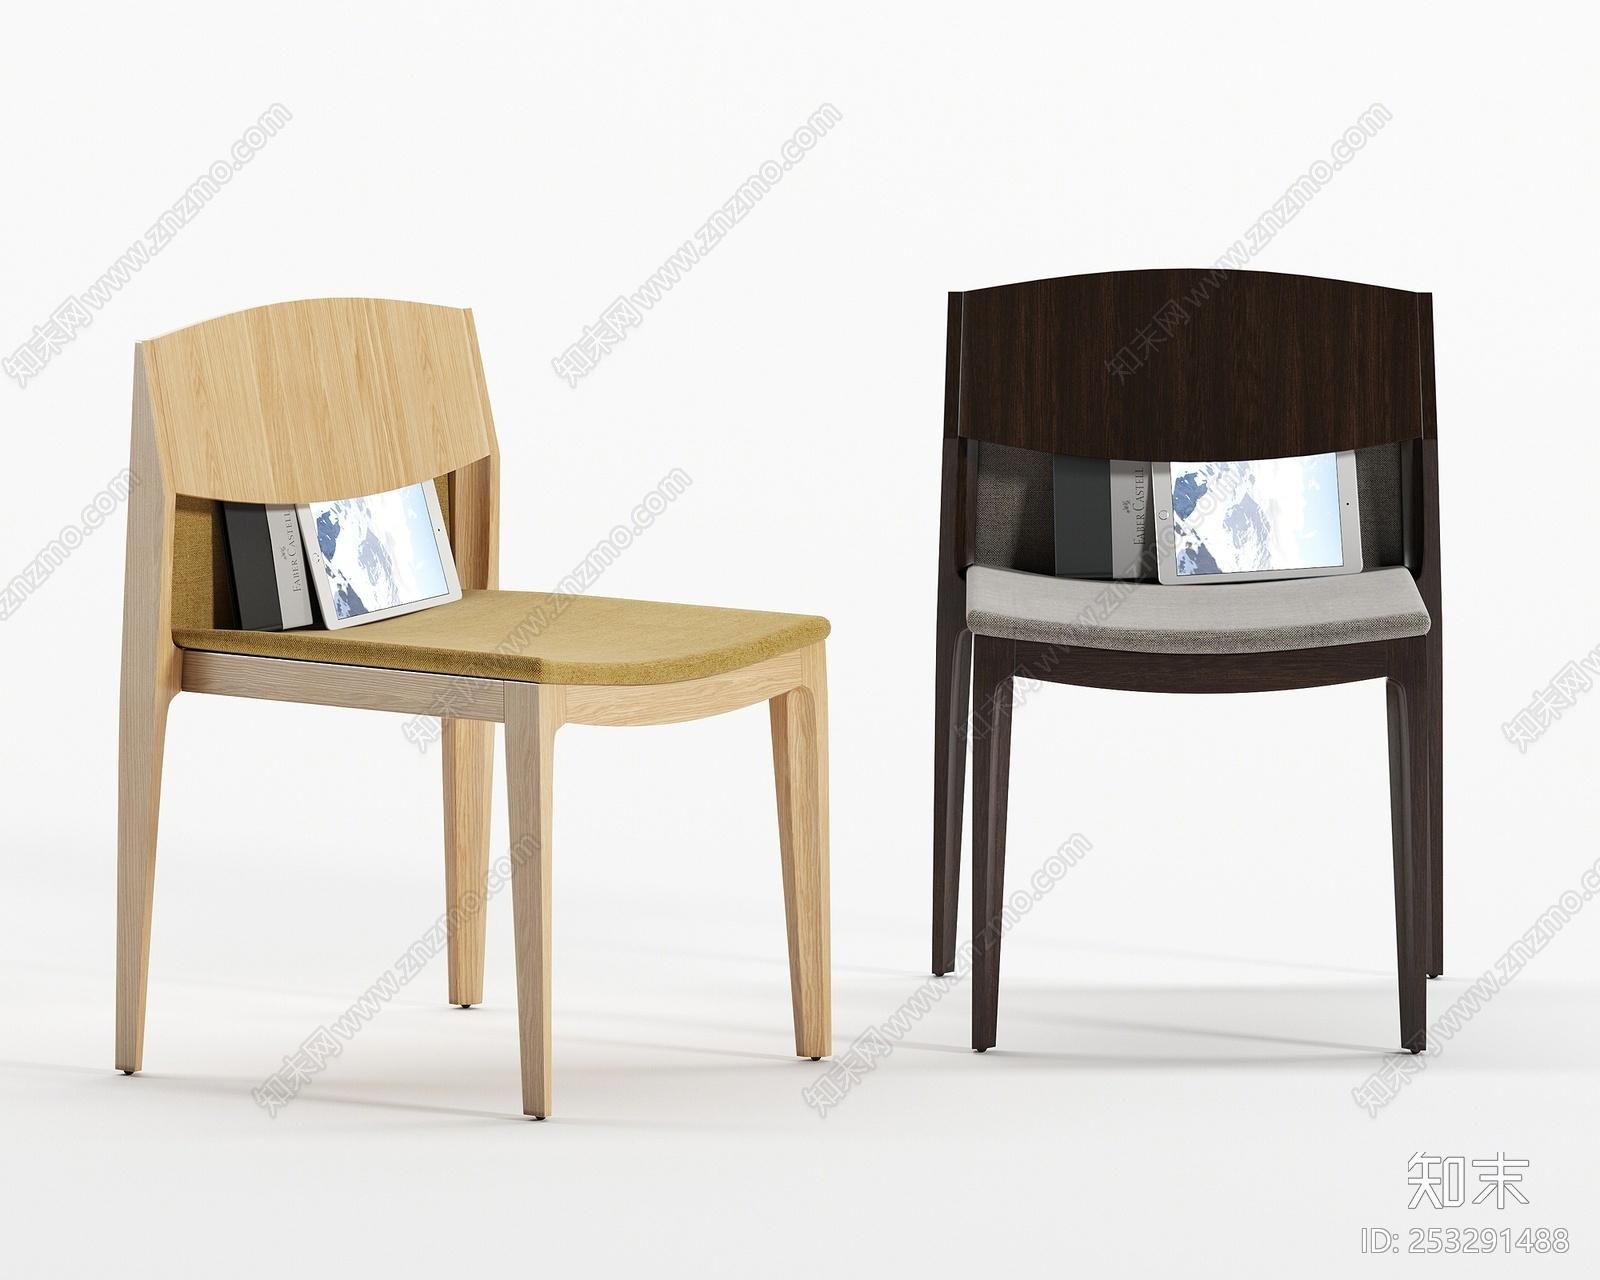 现代简约椅子 单椅 餐椅 休闲椅